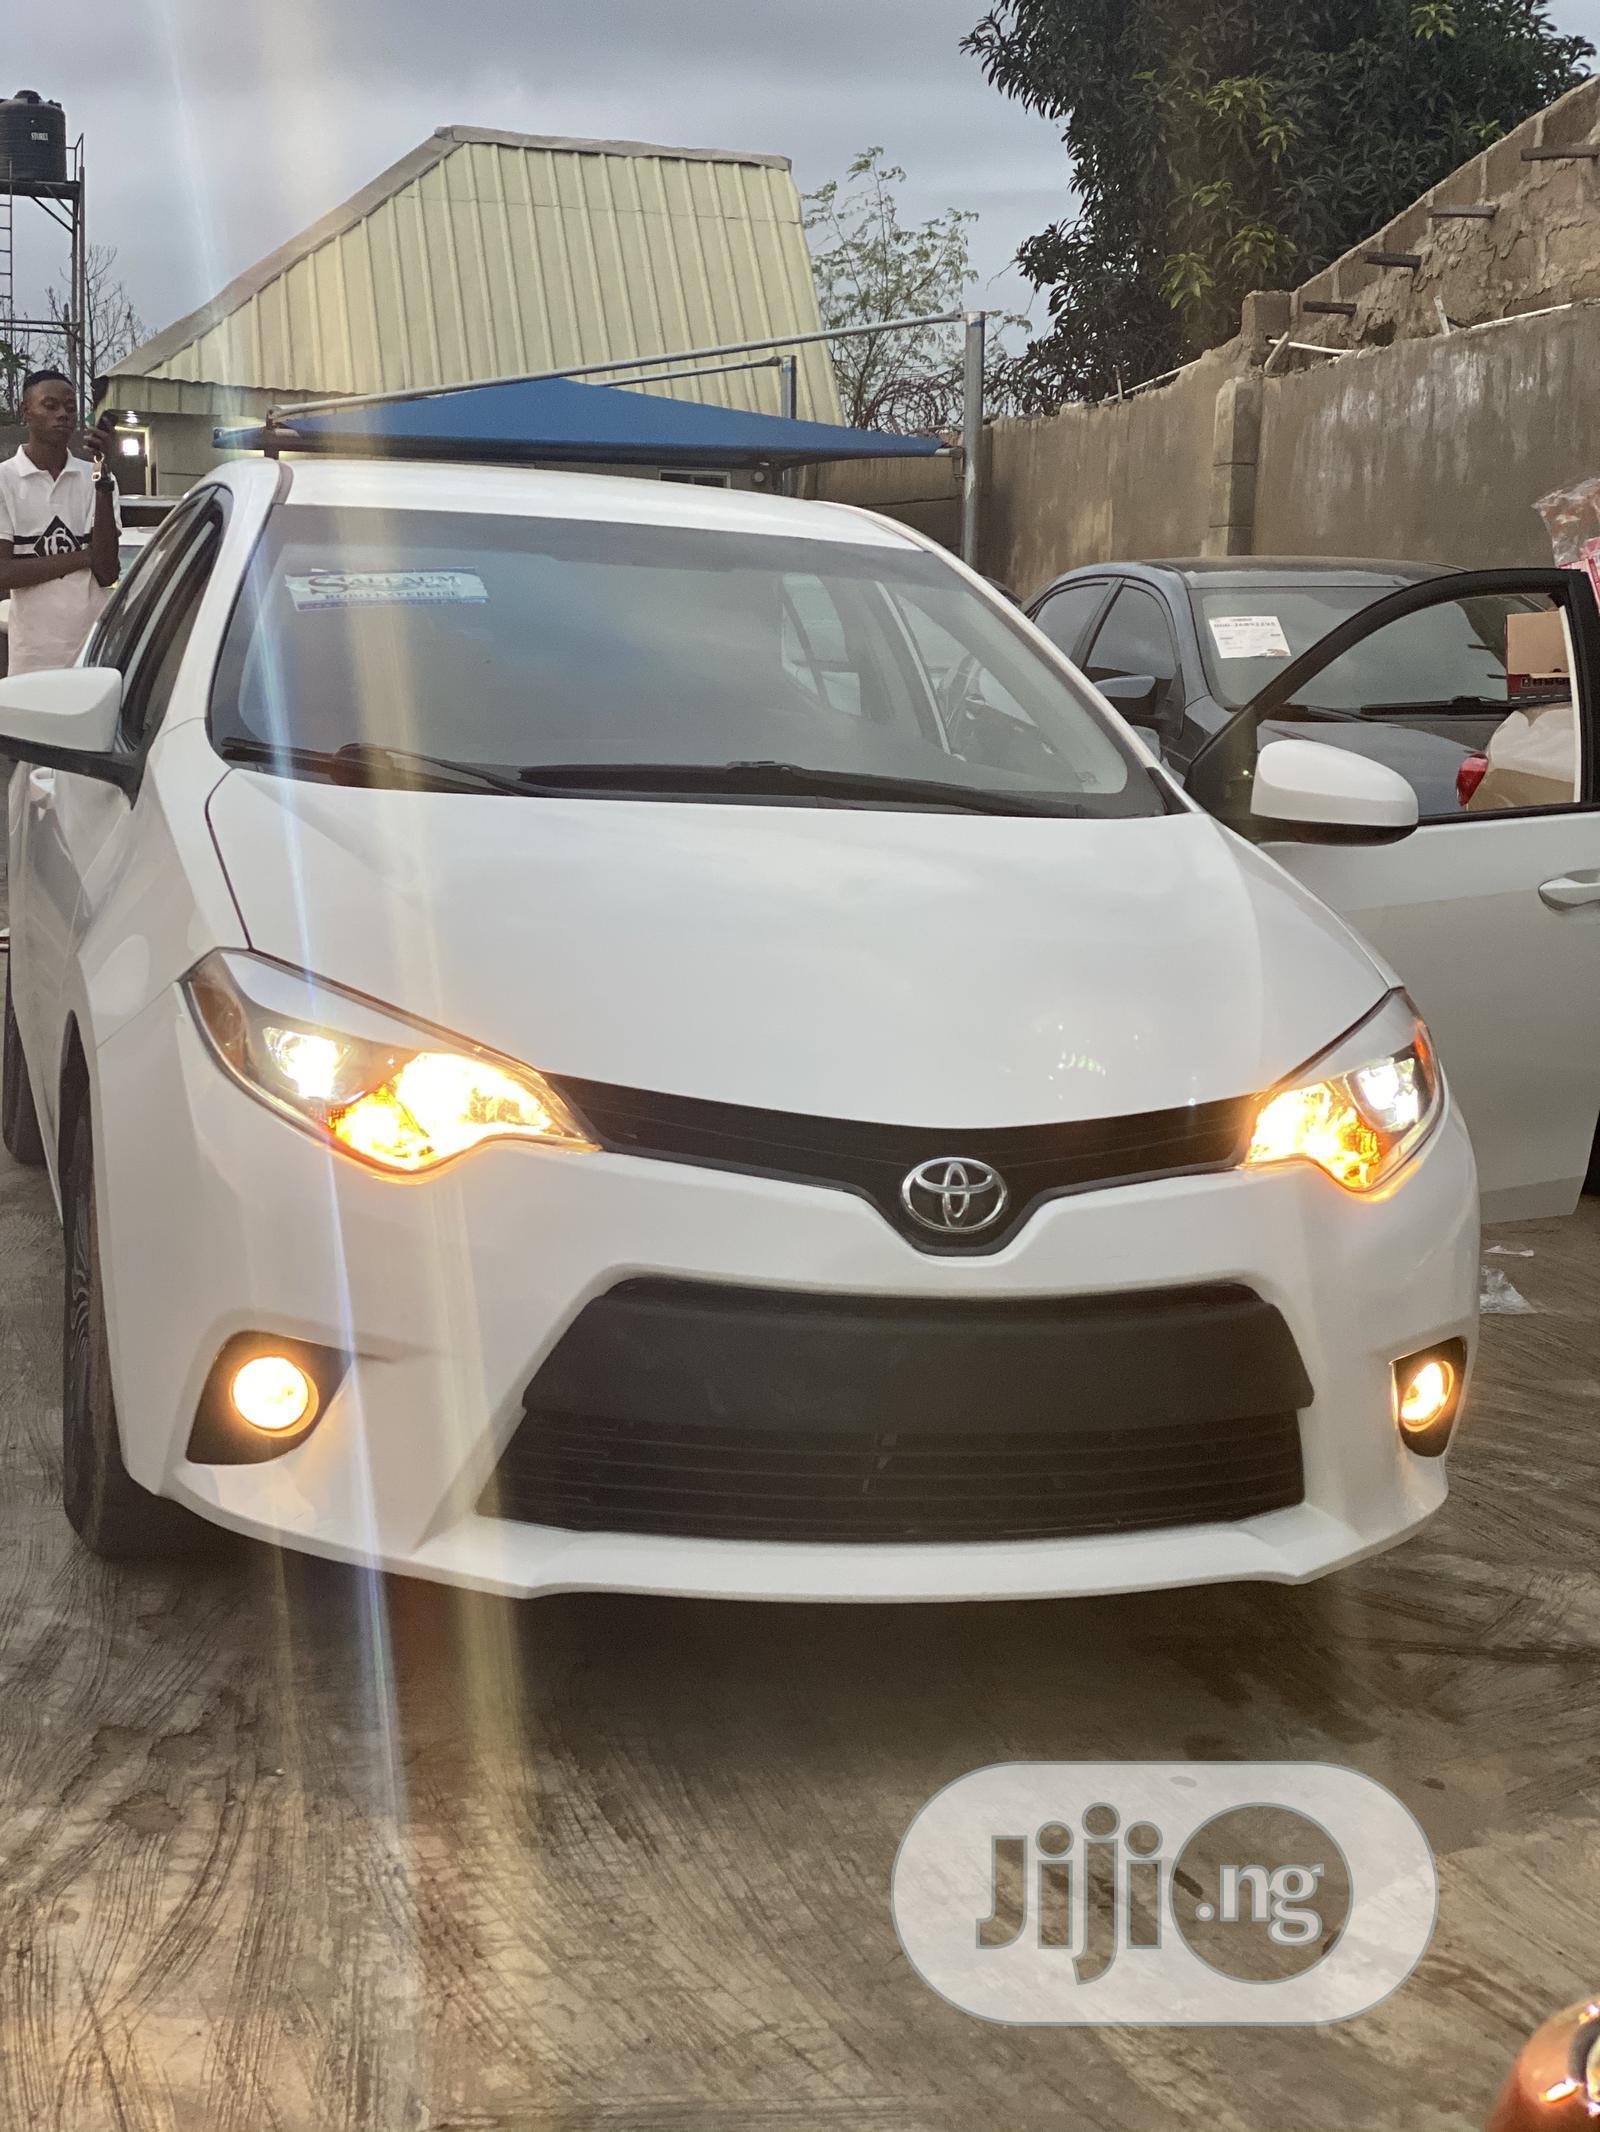 Toyota Corolla 2015 White In Ibadan Cars Adeyinka Adebimpe Jiji Ng For Sale In Ibadan Buy Cars From Adeyinka Adebimpe On Jiji Ng